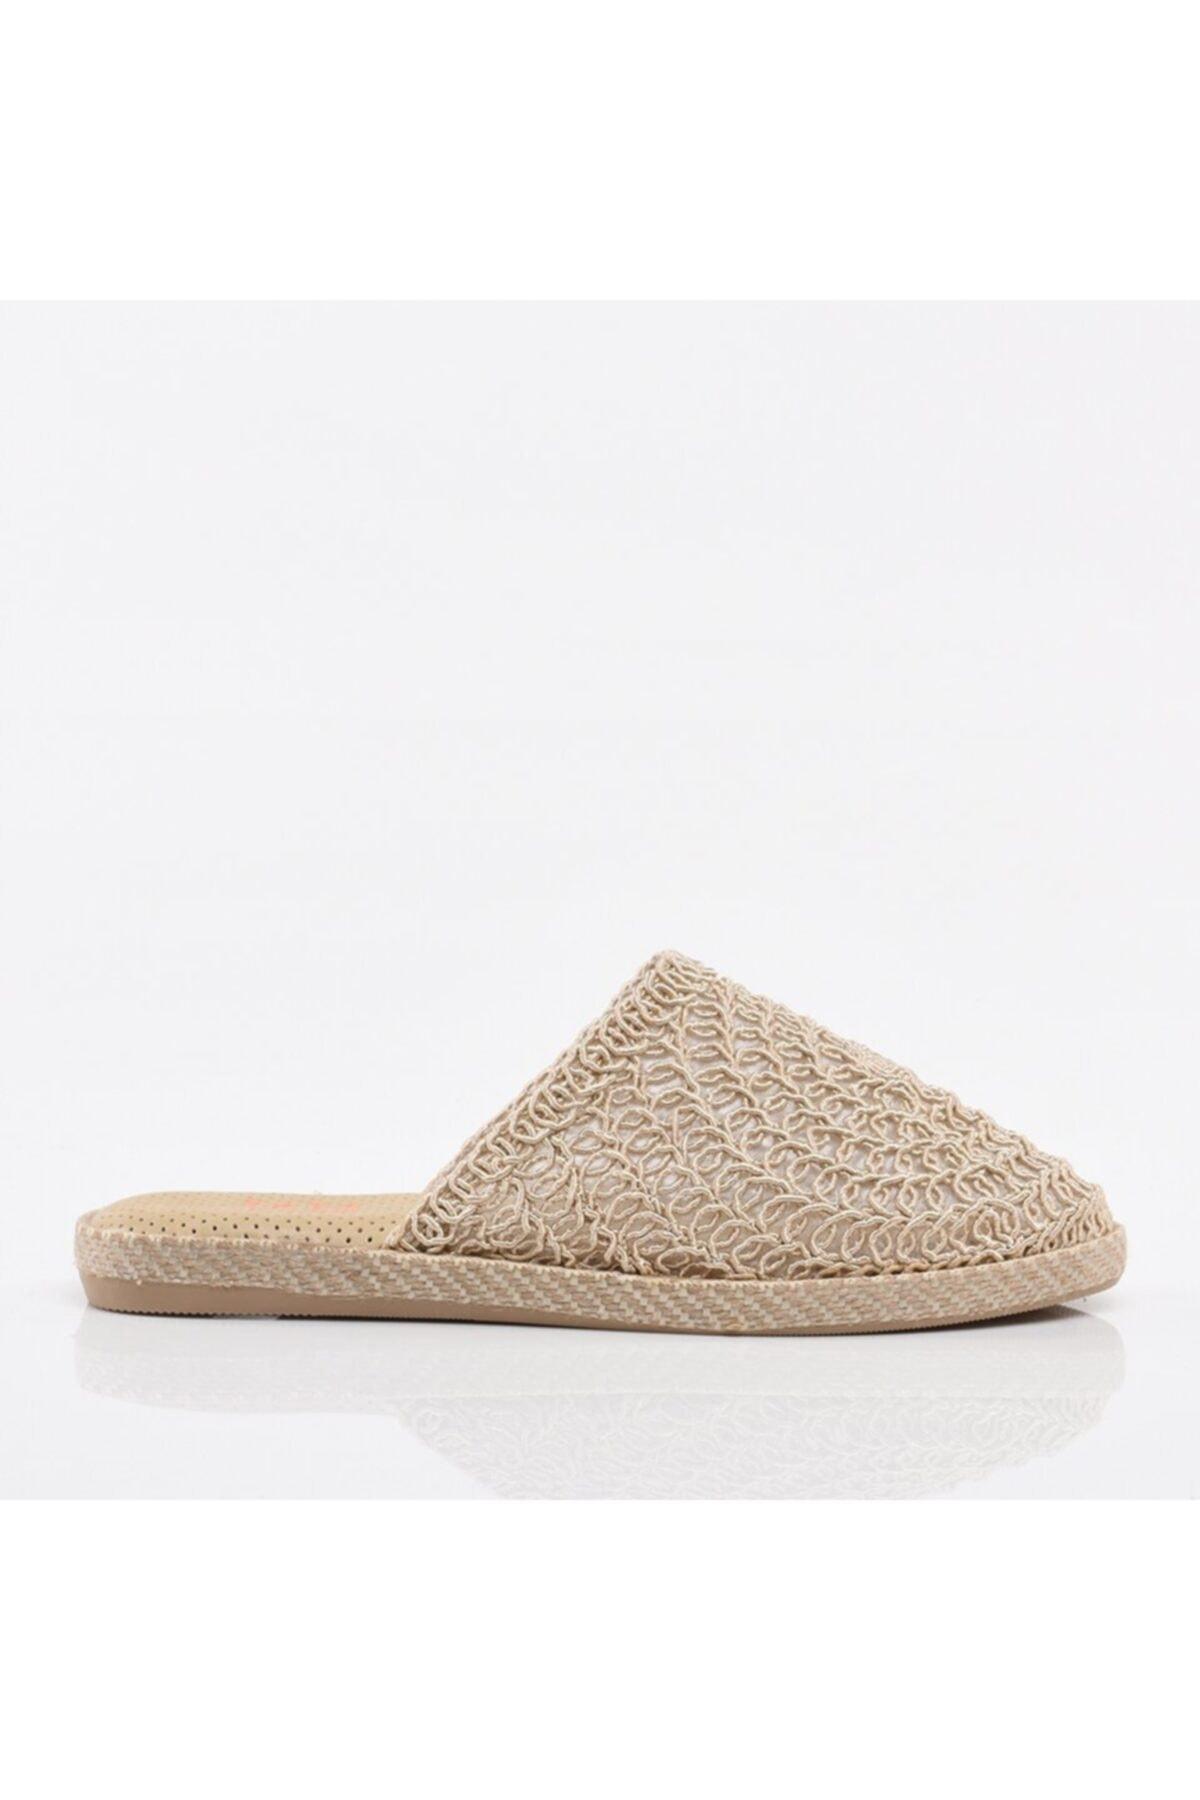 النساء الصنادل البيج المشاة الإناث s و الصيف داخلي في الهواء الطلق الوجه يتخبط الشاطئ حذاء الإناث النعال منصة عادية